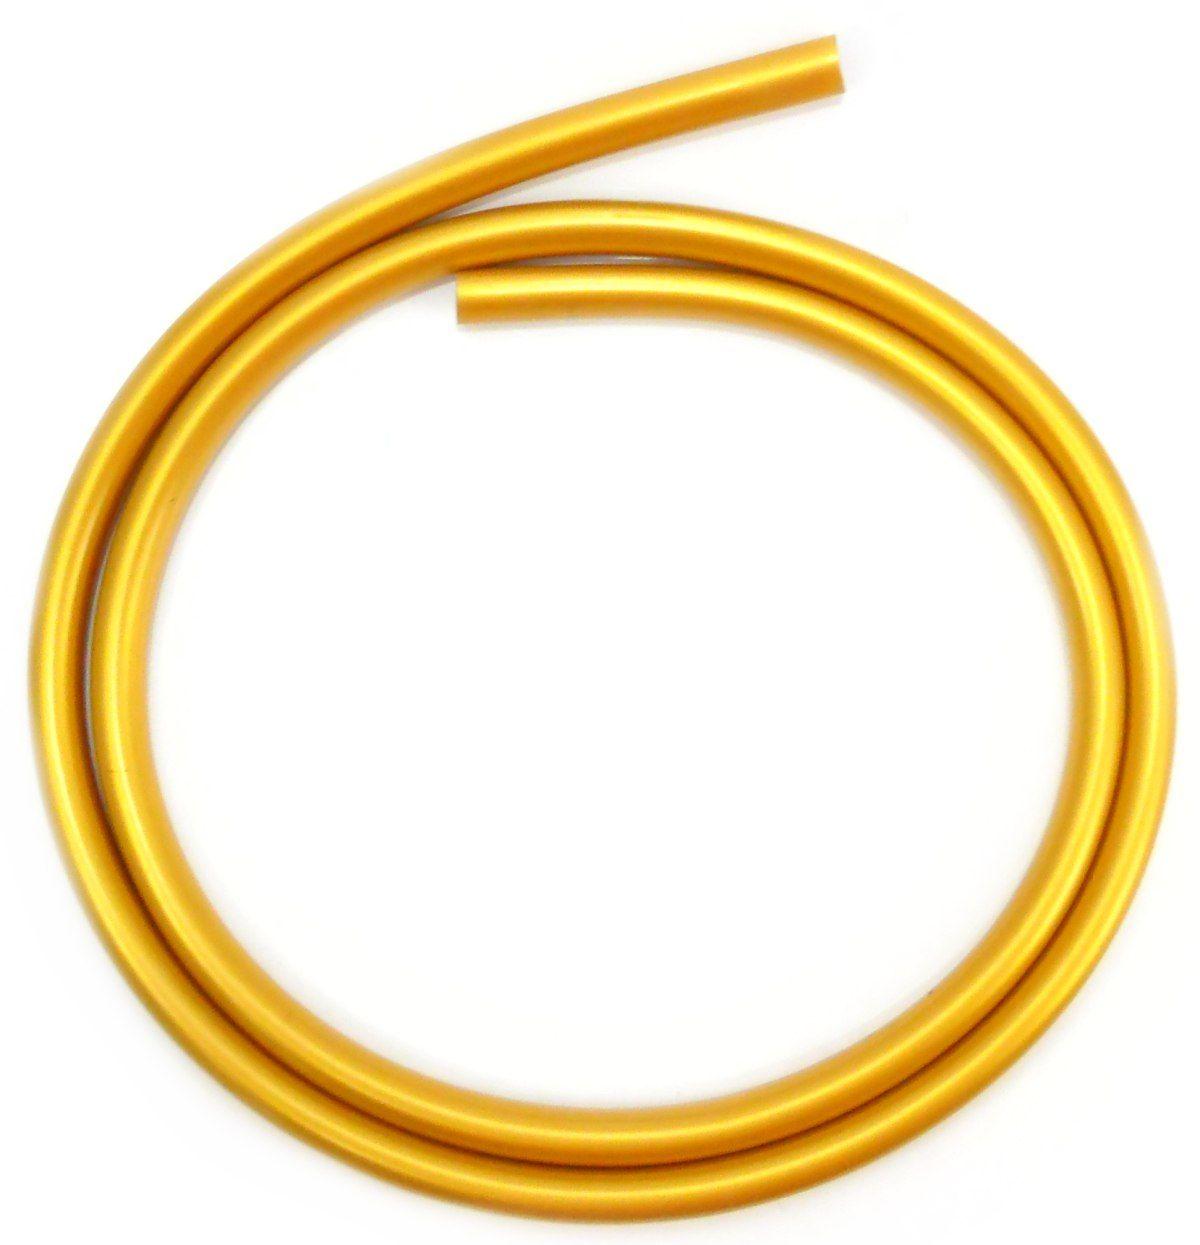 Mangueira p/narguile em silicone antichamas super flexível e leve. Encaixa todas as piteiras. 1,60m. Dourado (13mm)